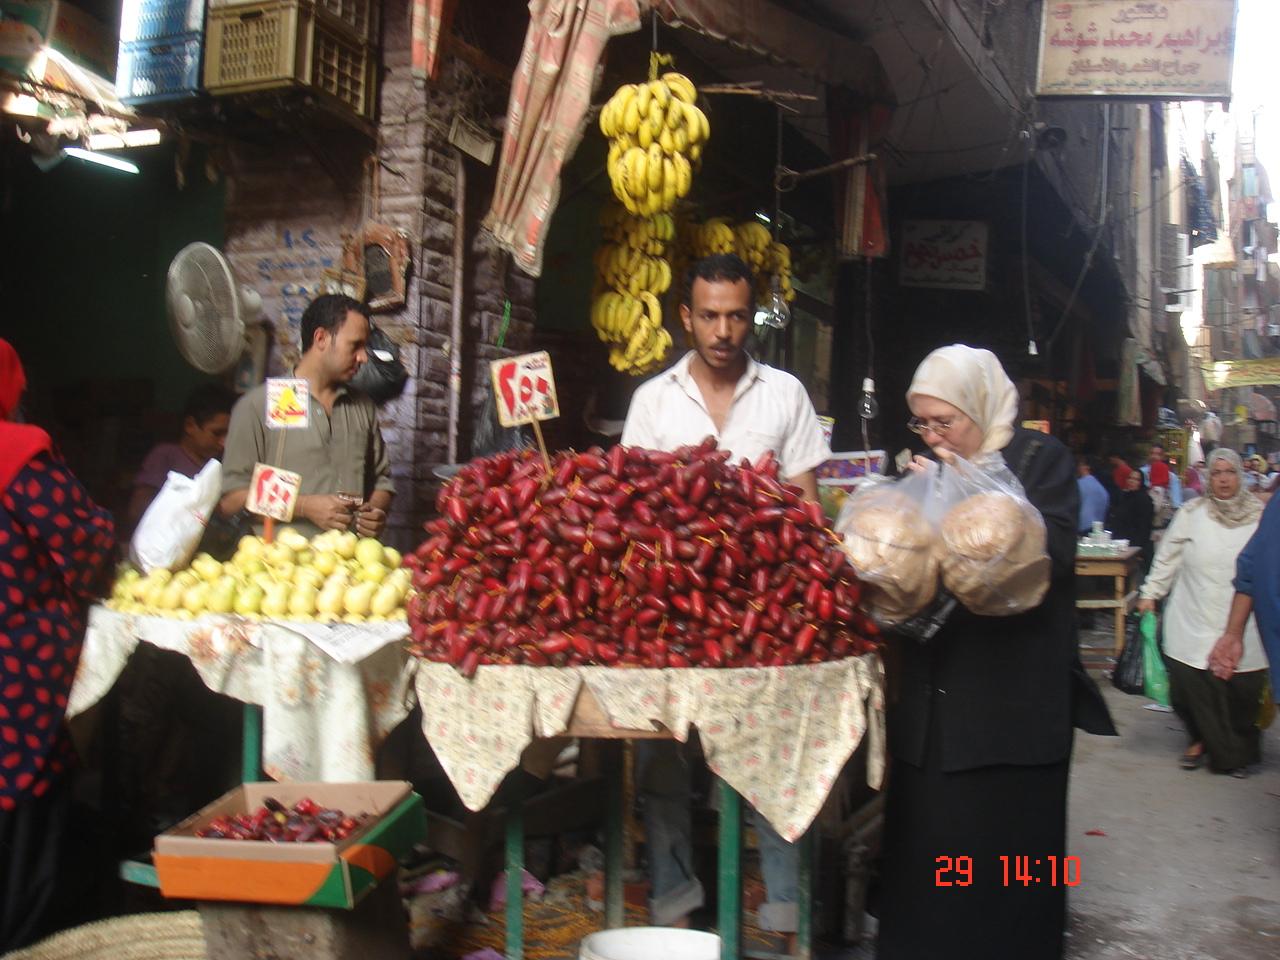 Dans le marché, dattes,gouyaves,bananes ..fruits égyptiens ..!!